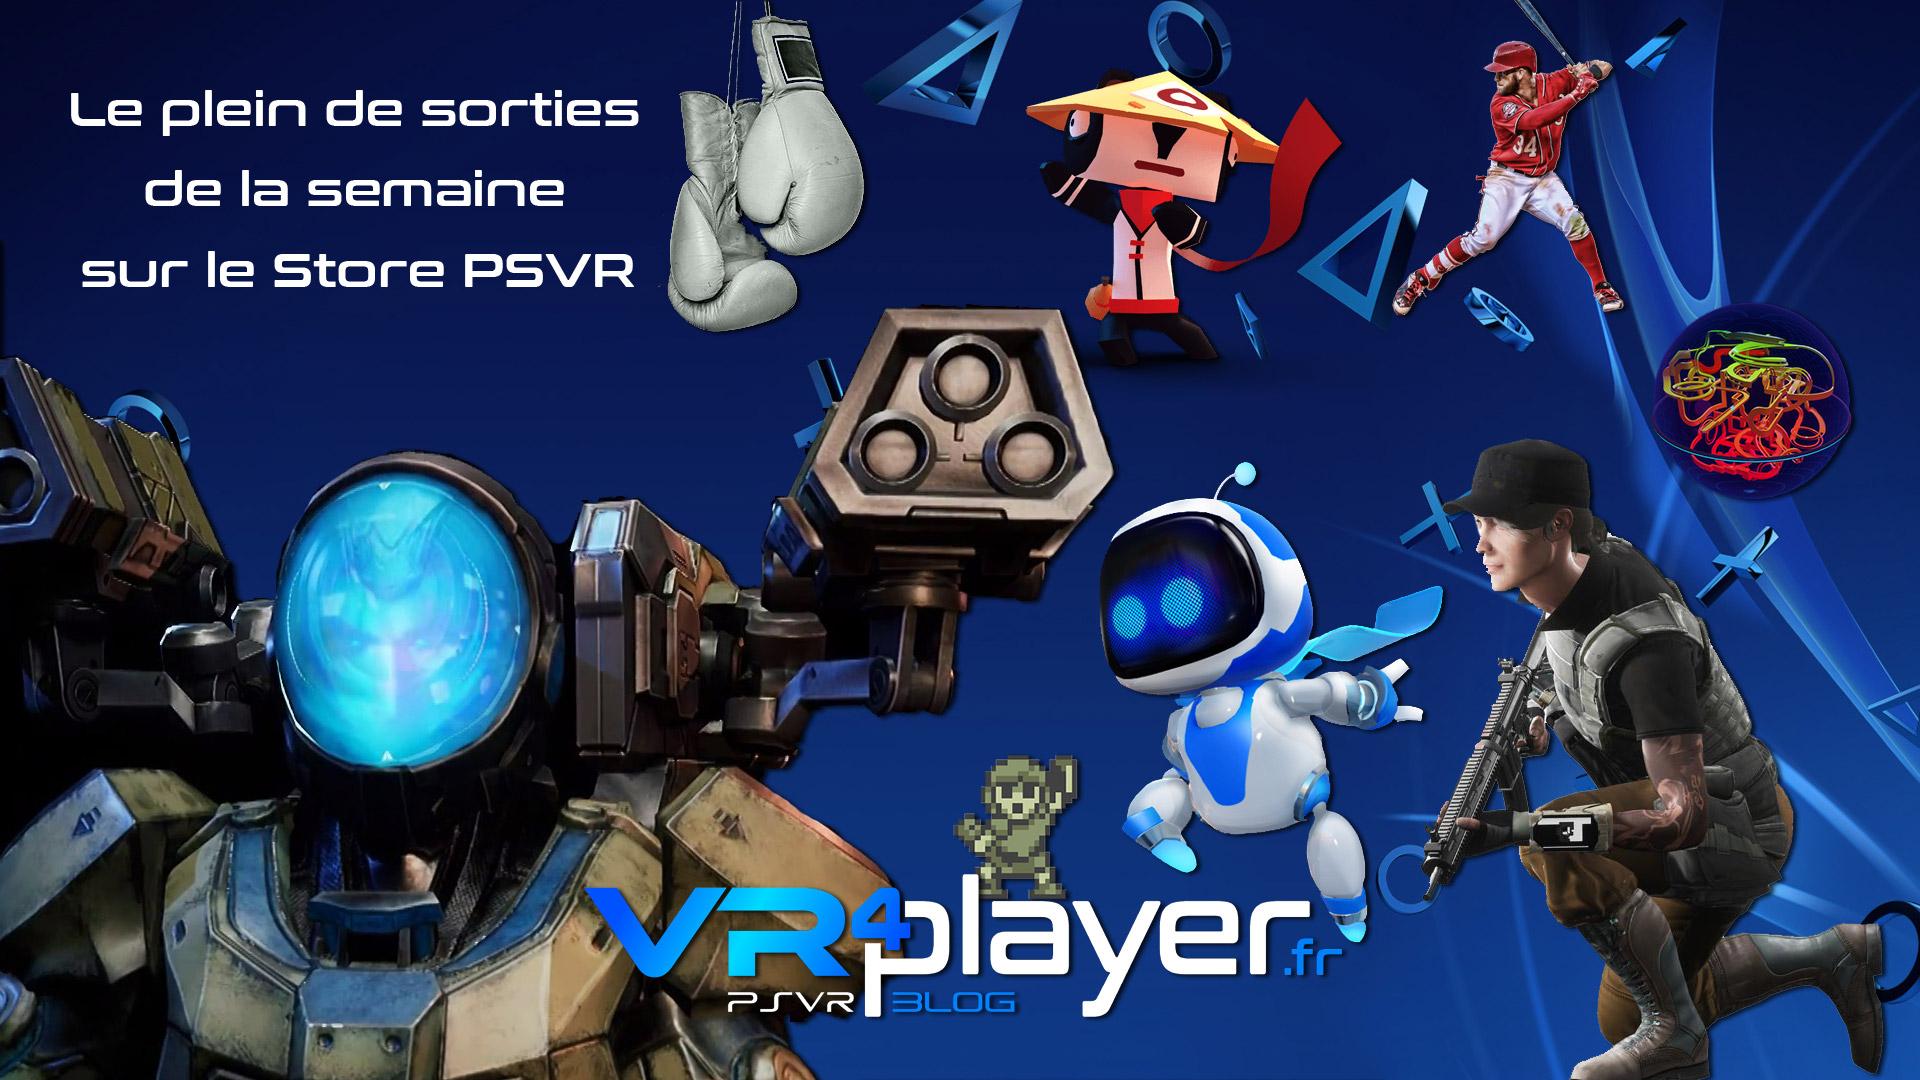 Le plein de sorties du Store PSVR de la semaine - vr4player.fr